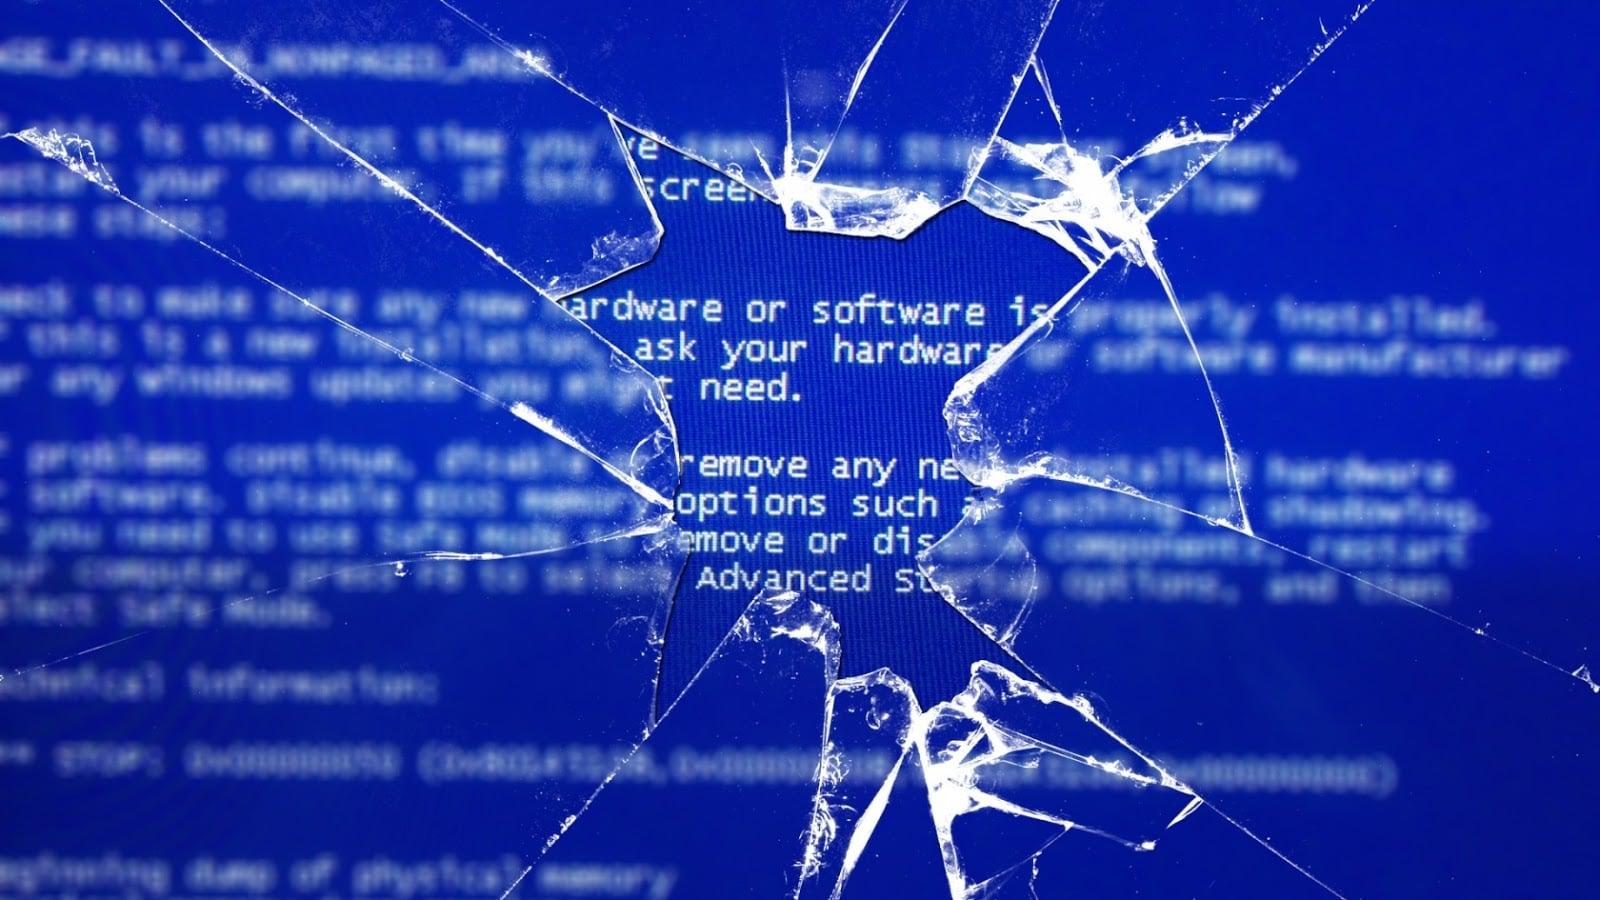 mavi ekran hatası ve çözümleri [object object] Mavi Ekran Hatası mavi ekran sorunu